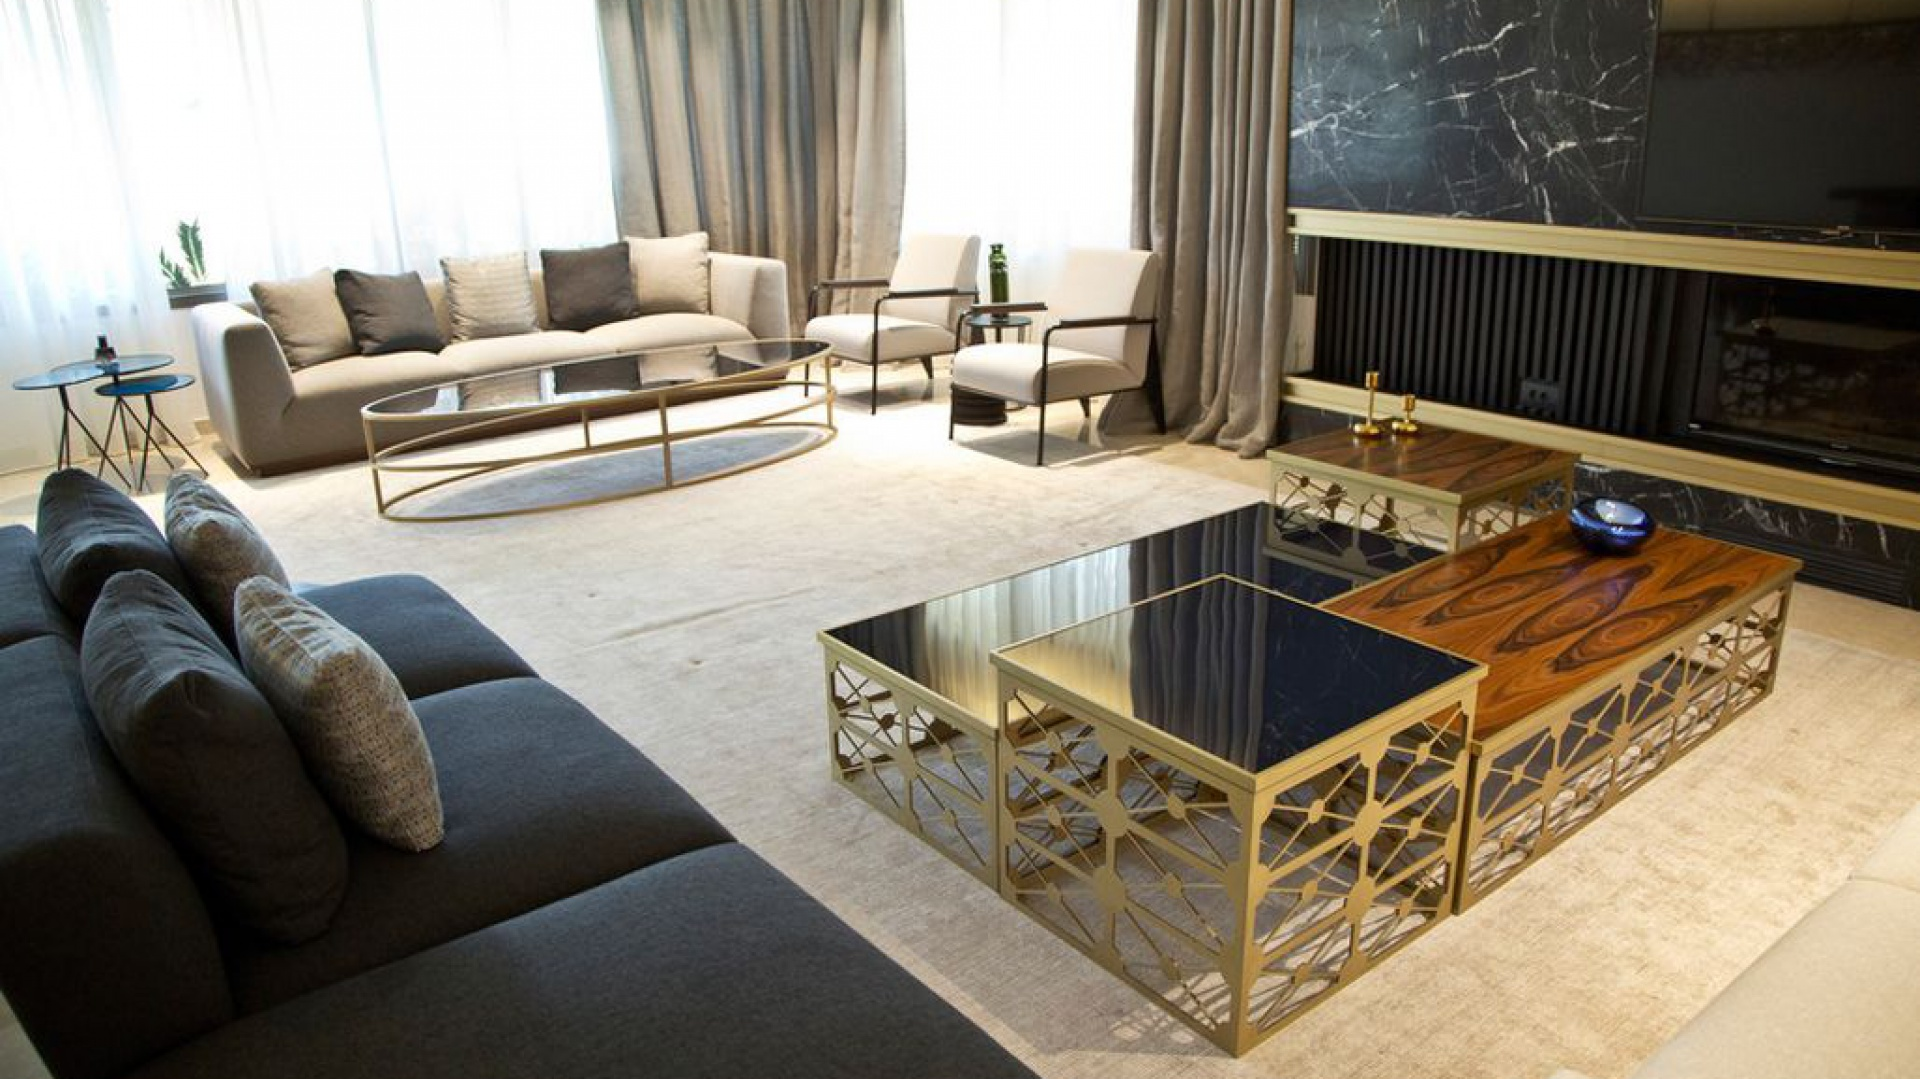 W salonie wzrok przyciąga piękny czarny marmur na ścianie, z którym efektownie kontrastują metalowe elementy wykonane z mosiądzu. Projekt: Ronald Helou Design. Fot. Rudy Bouchebel.